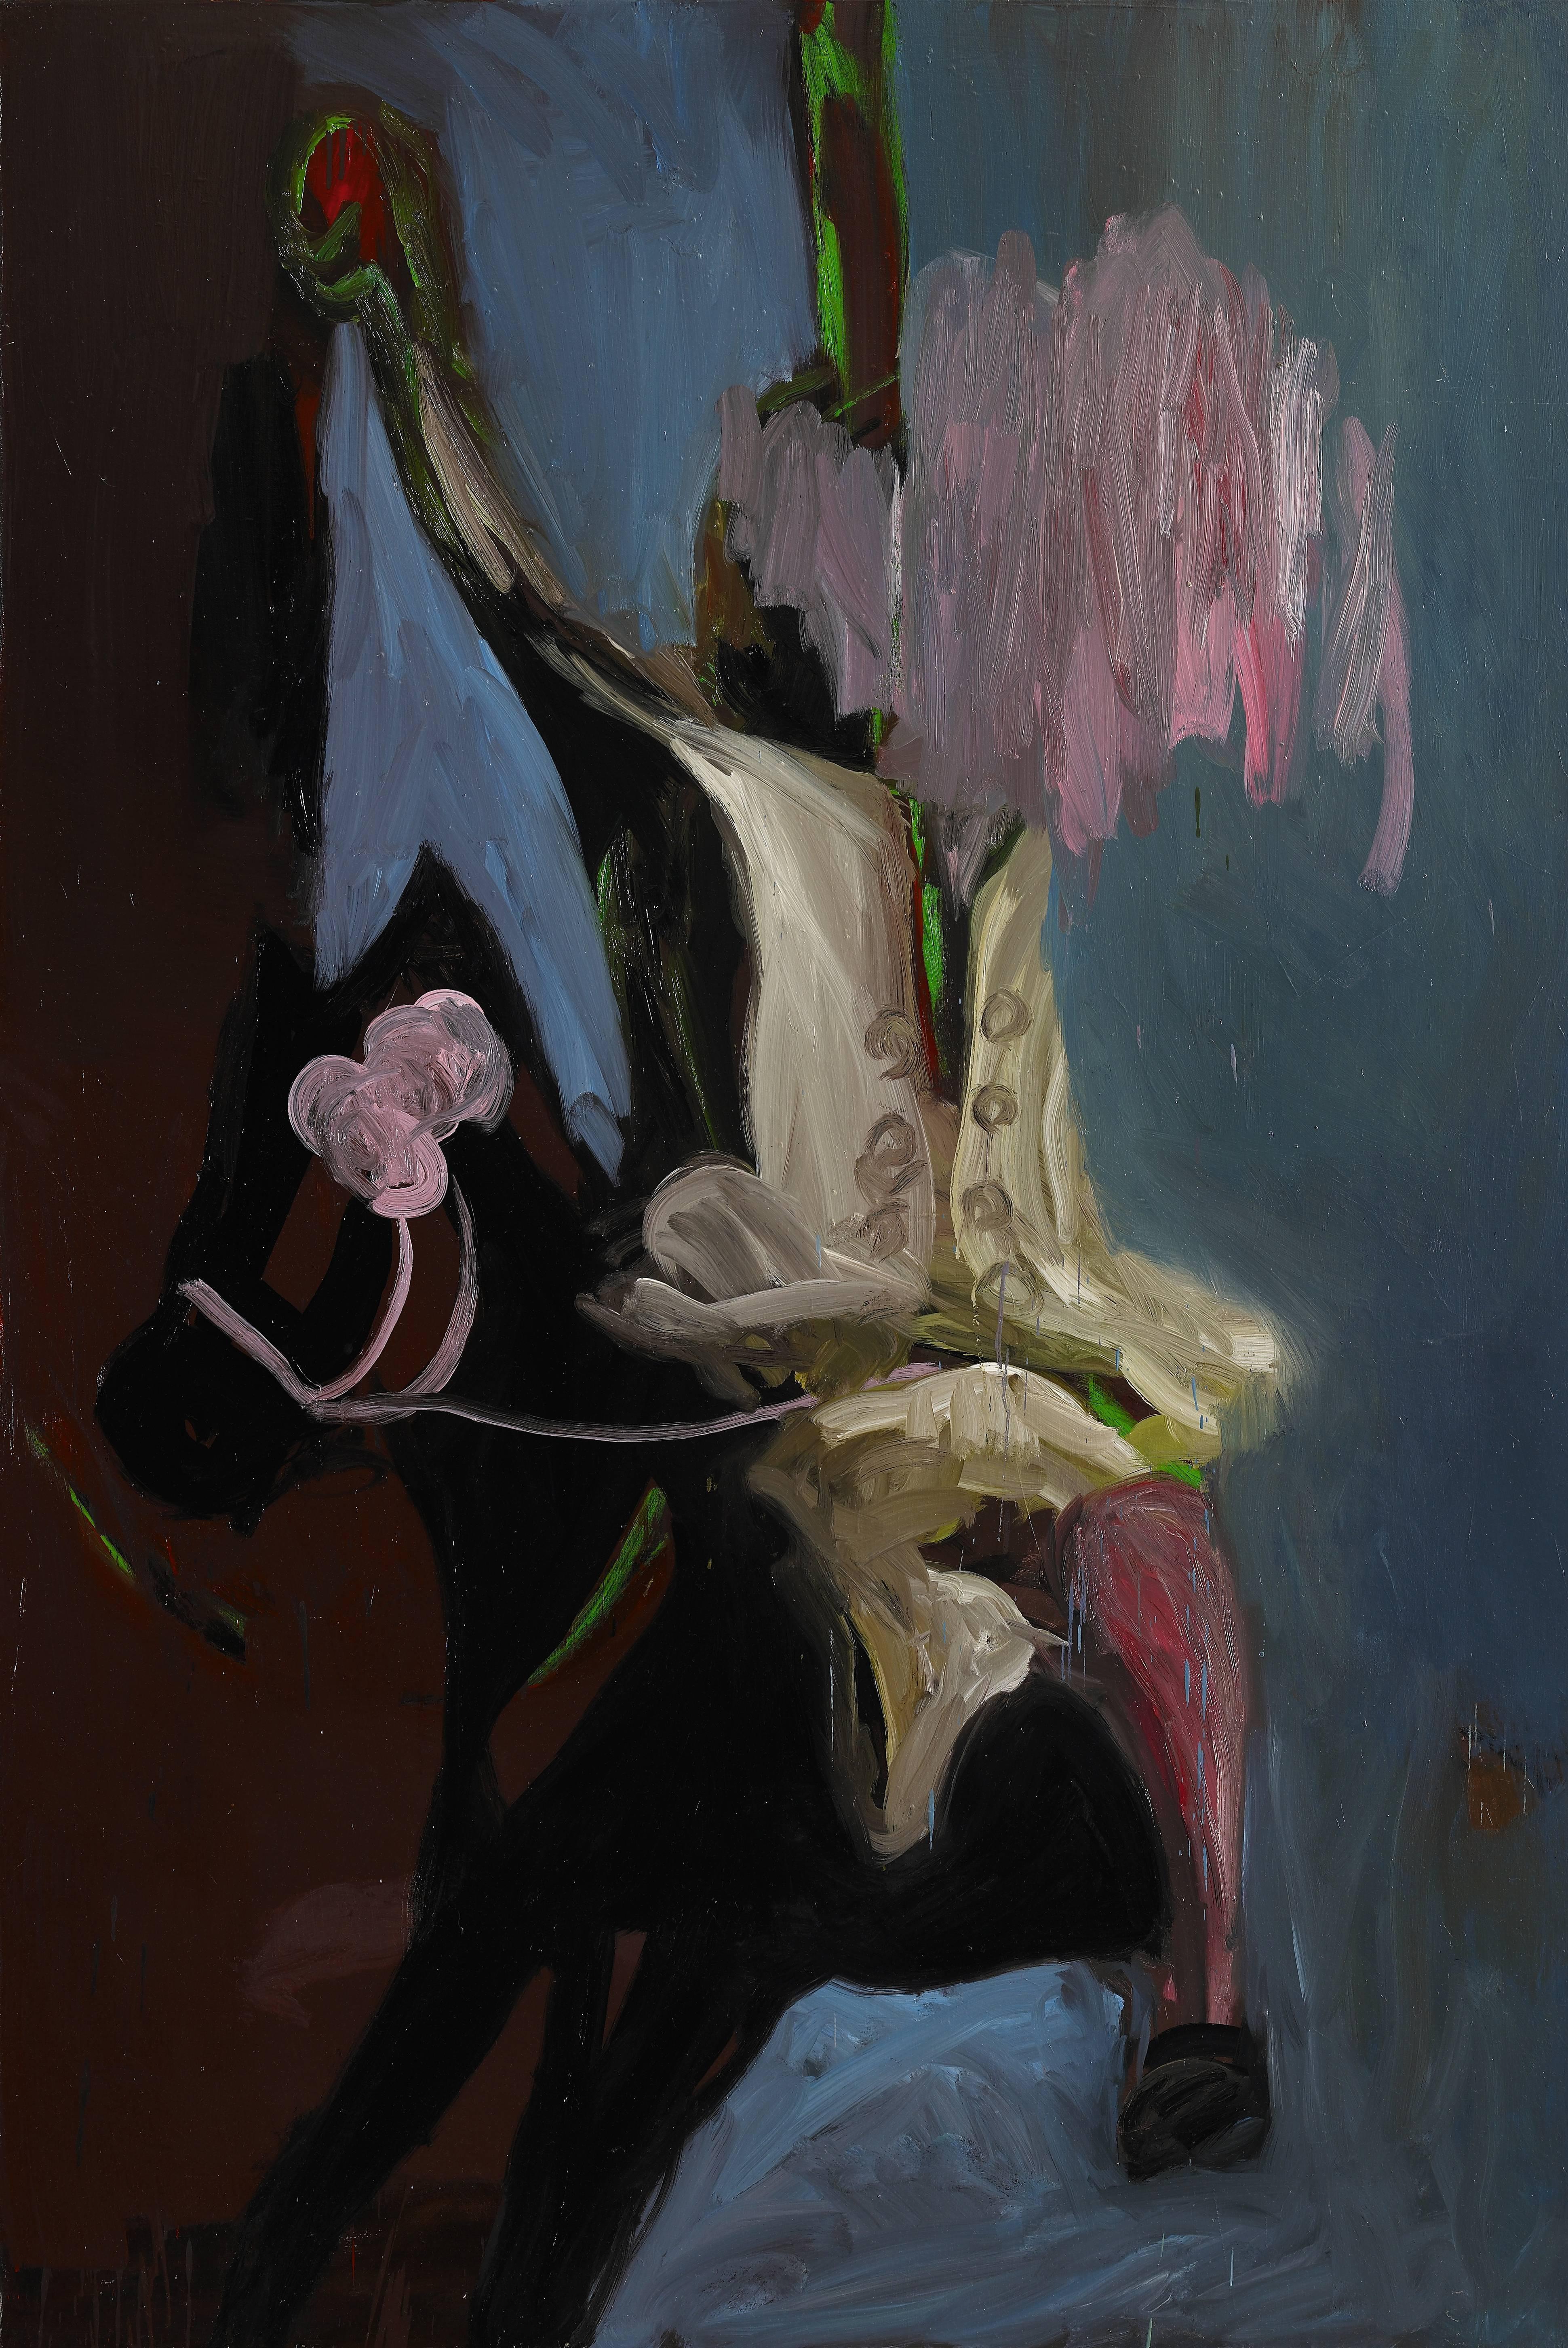 常陵|大玄玄社會-轉木馬|2013|油彩|190×130cm